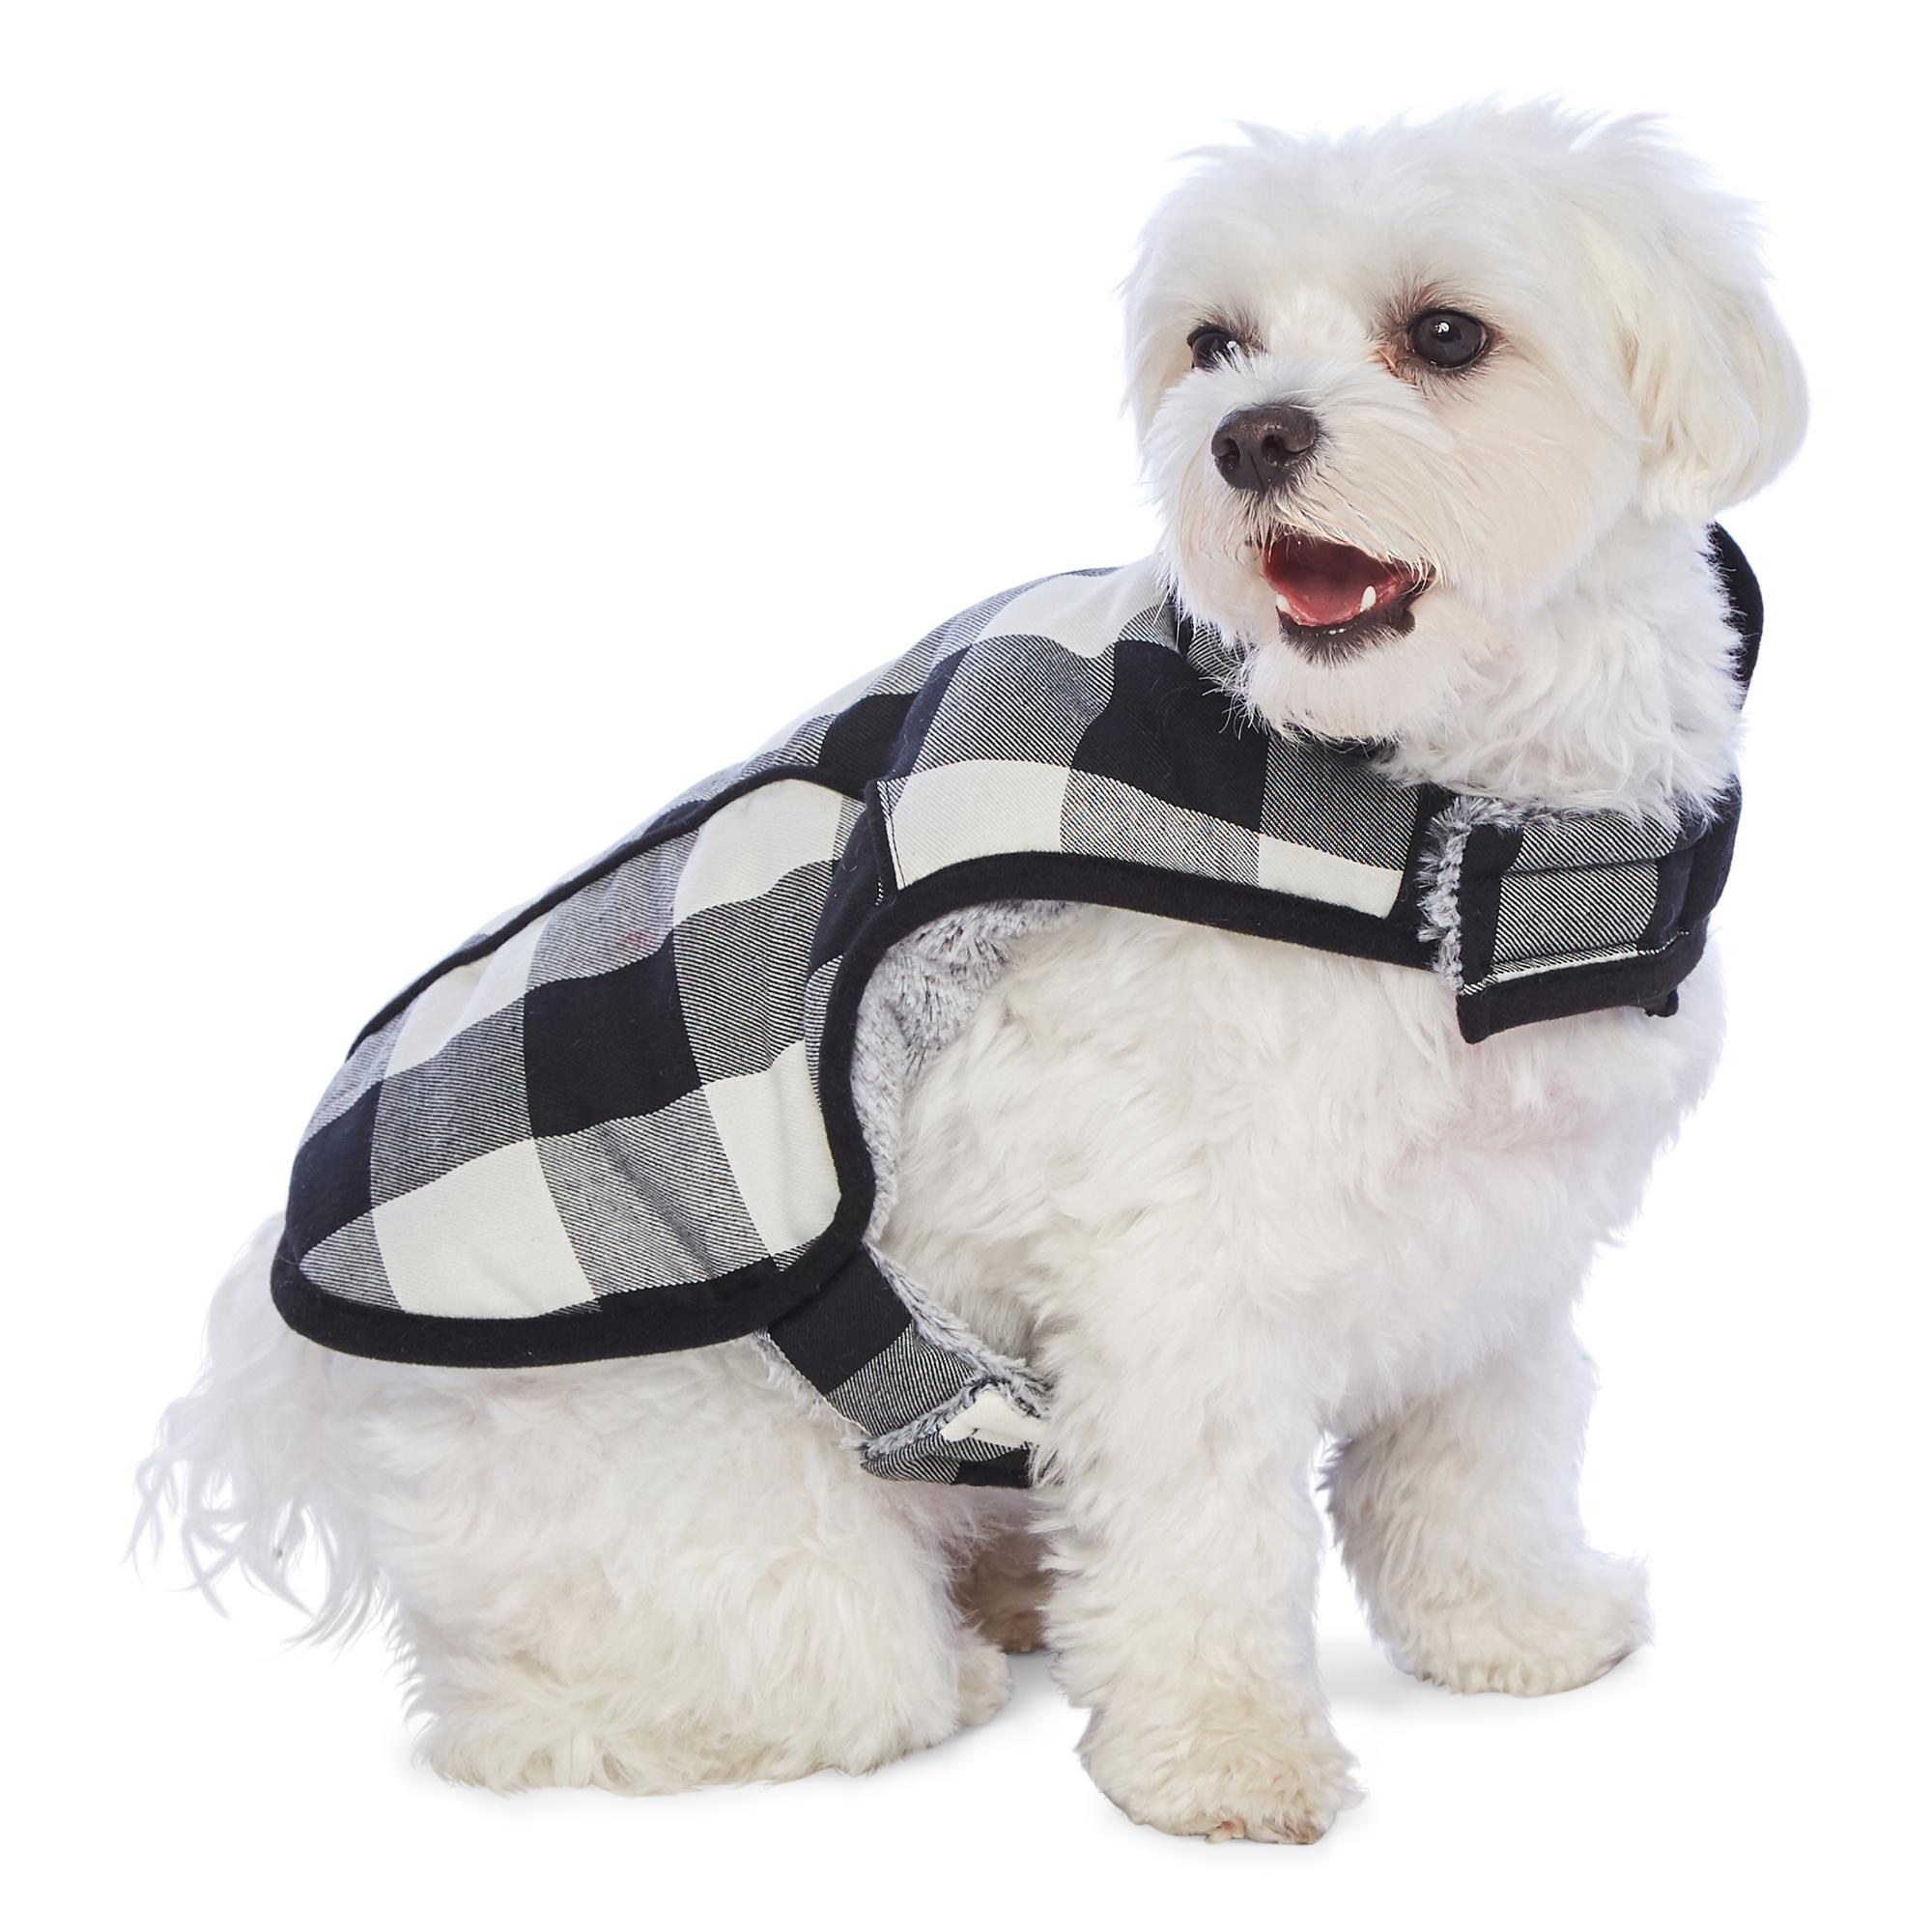 PAW & TAIL Gingham Dog Coat